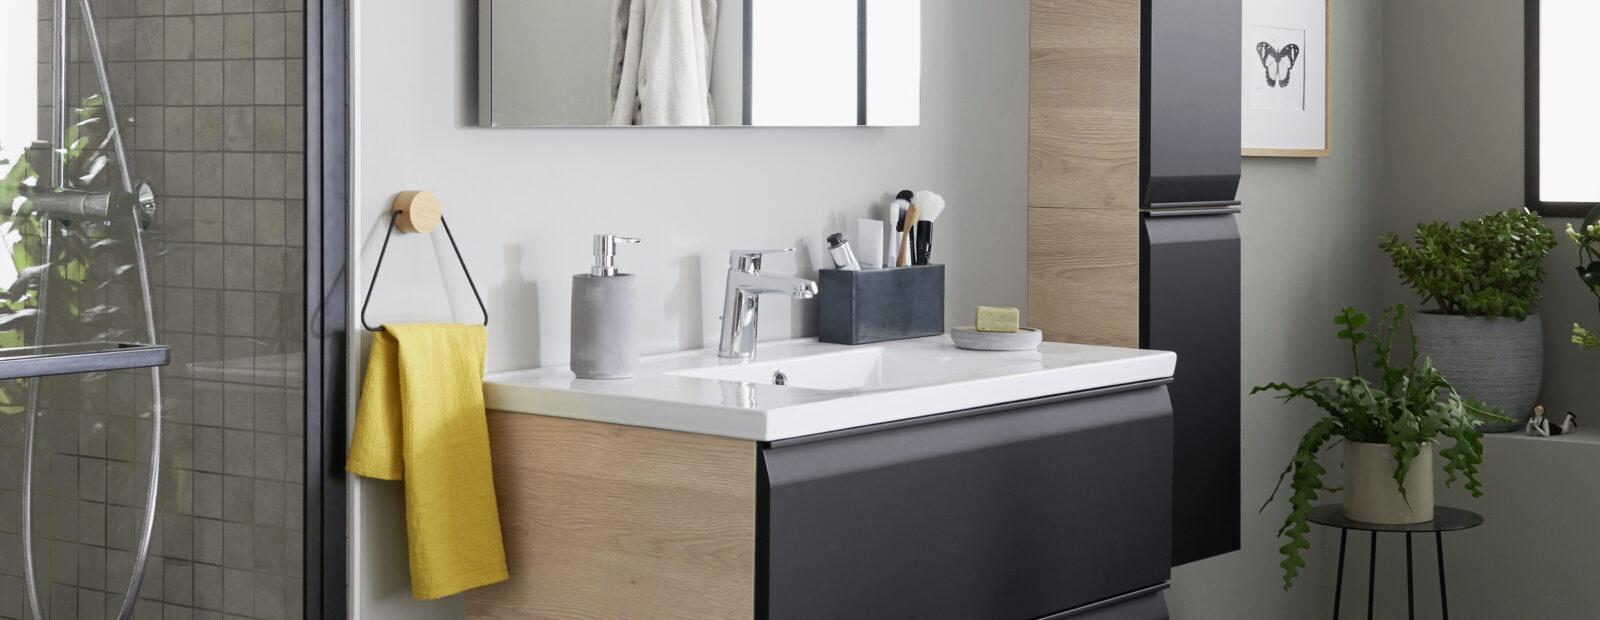 Lapeyre presse - Meuble salle de bain 90 cm lapeyre ...